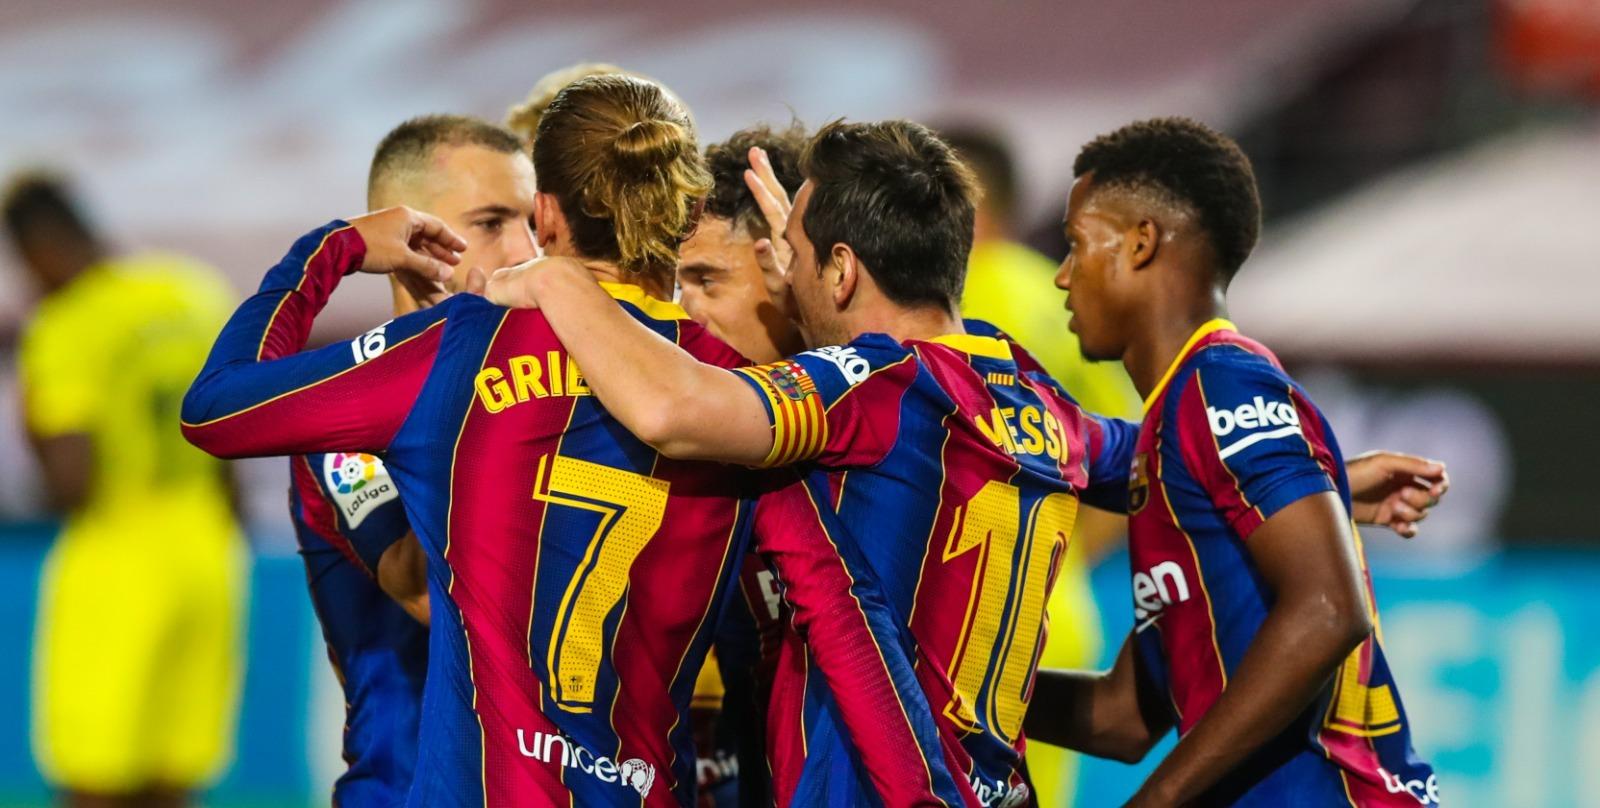 'बार्सिलोना अब अघि बढ्यो, कसैले रोक्न सक्दैन'